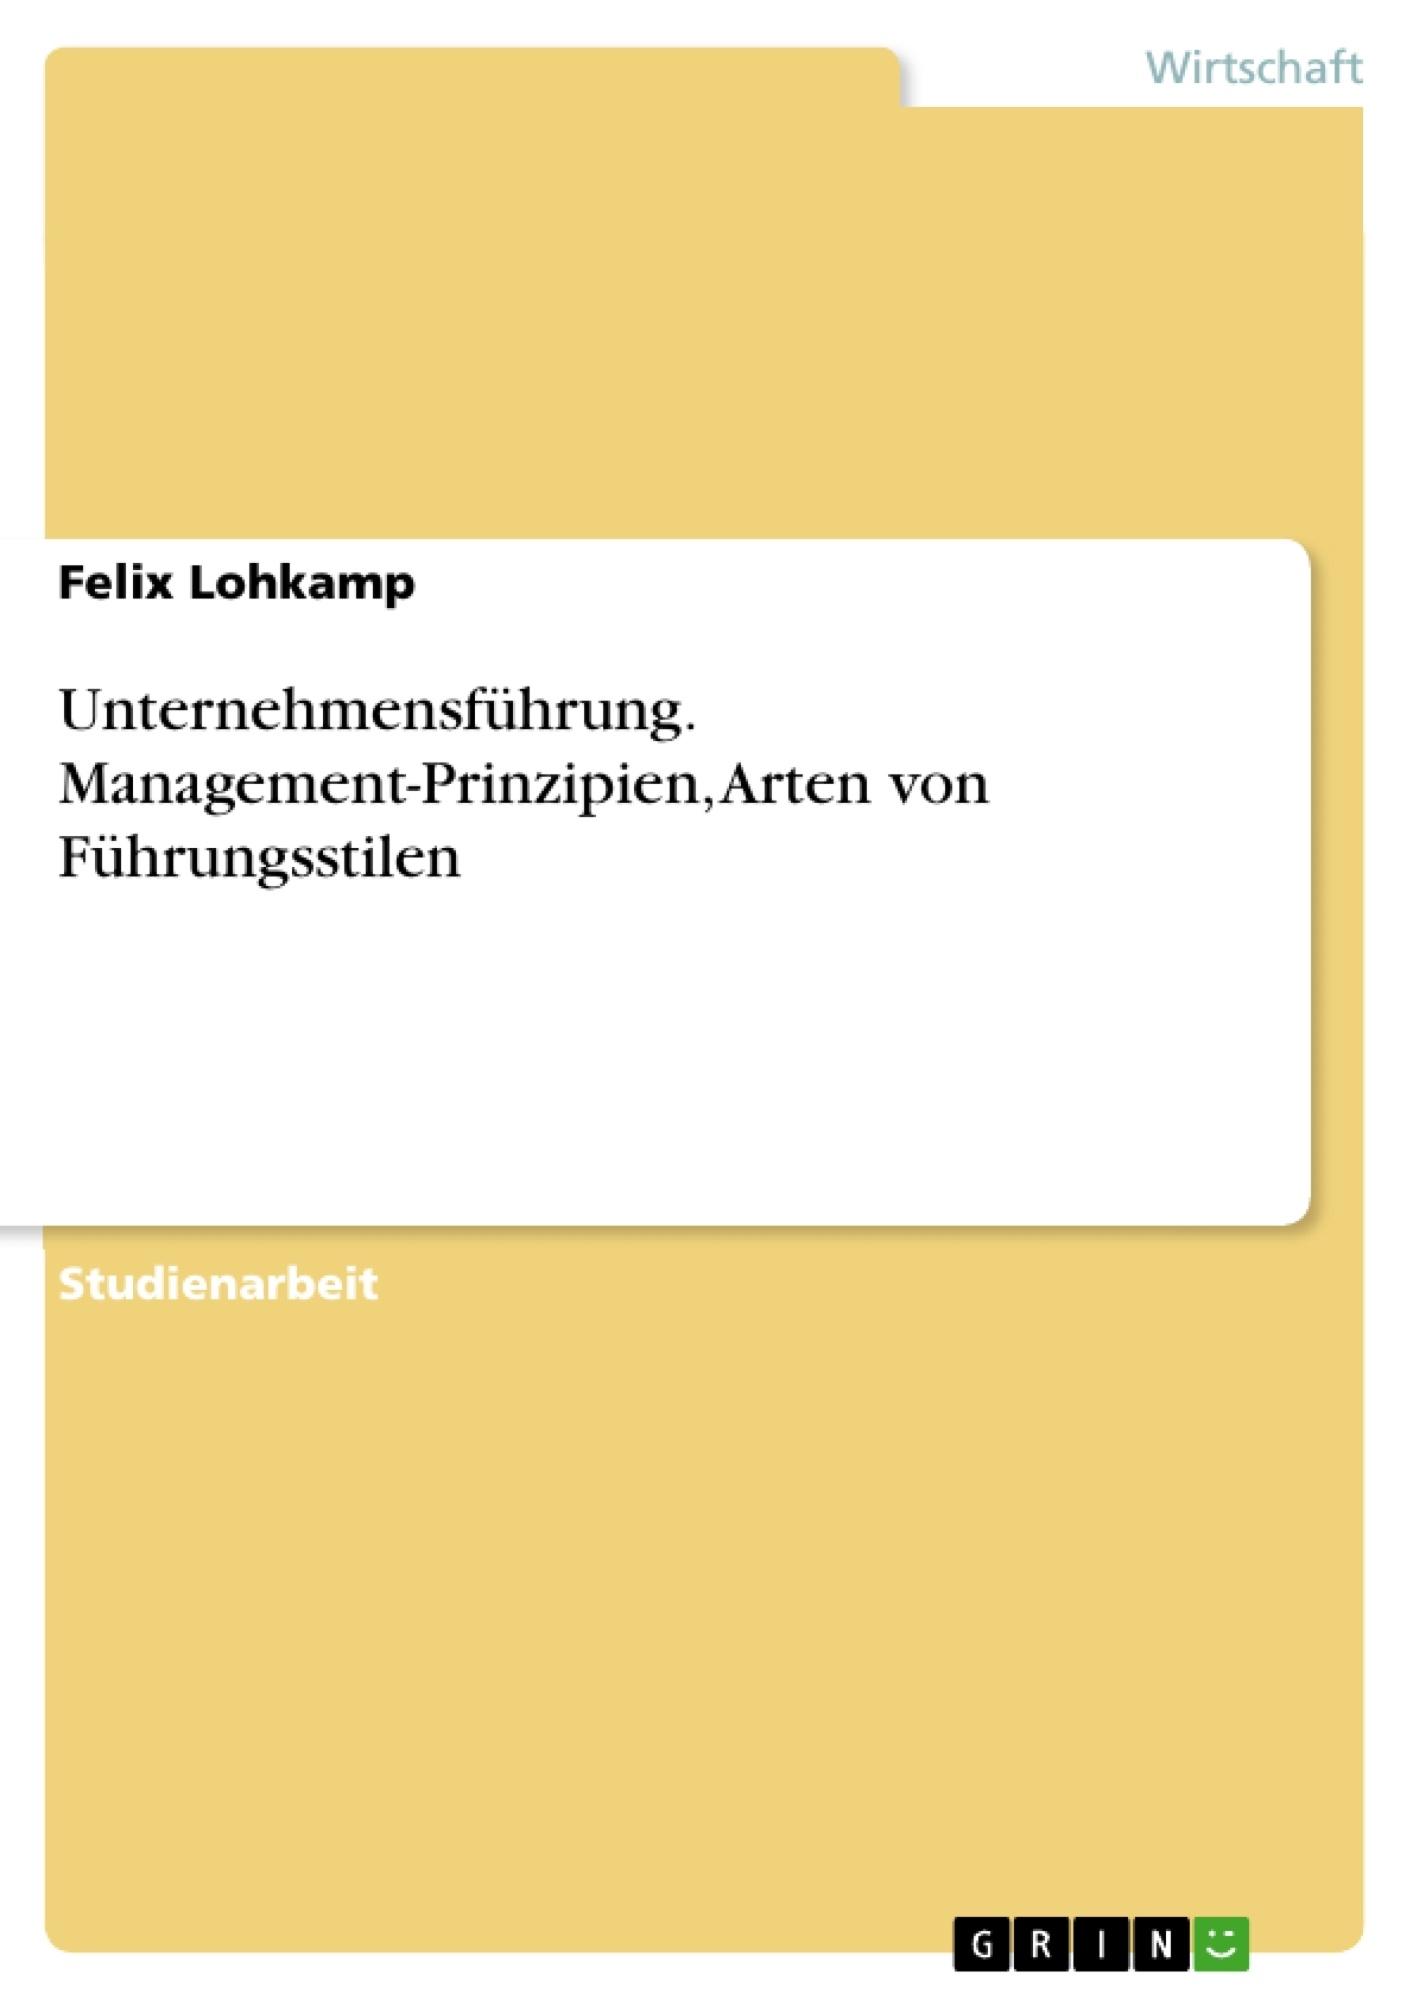 Titel: Unternehmensführung. Management-Prinzipien, Arten von Führungsstilen